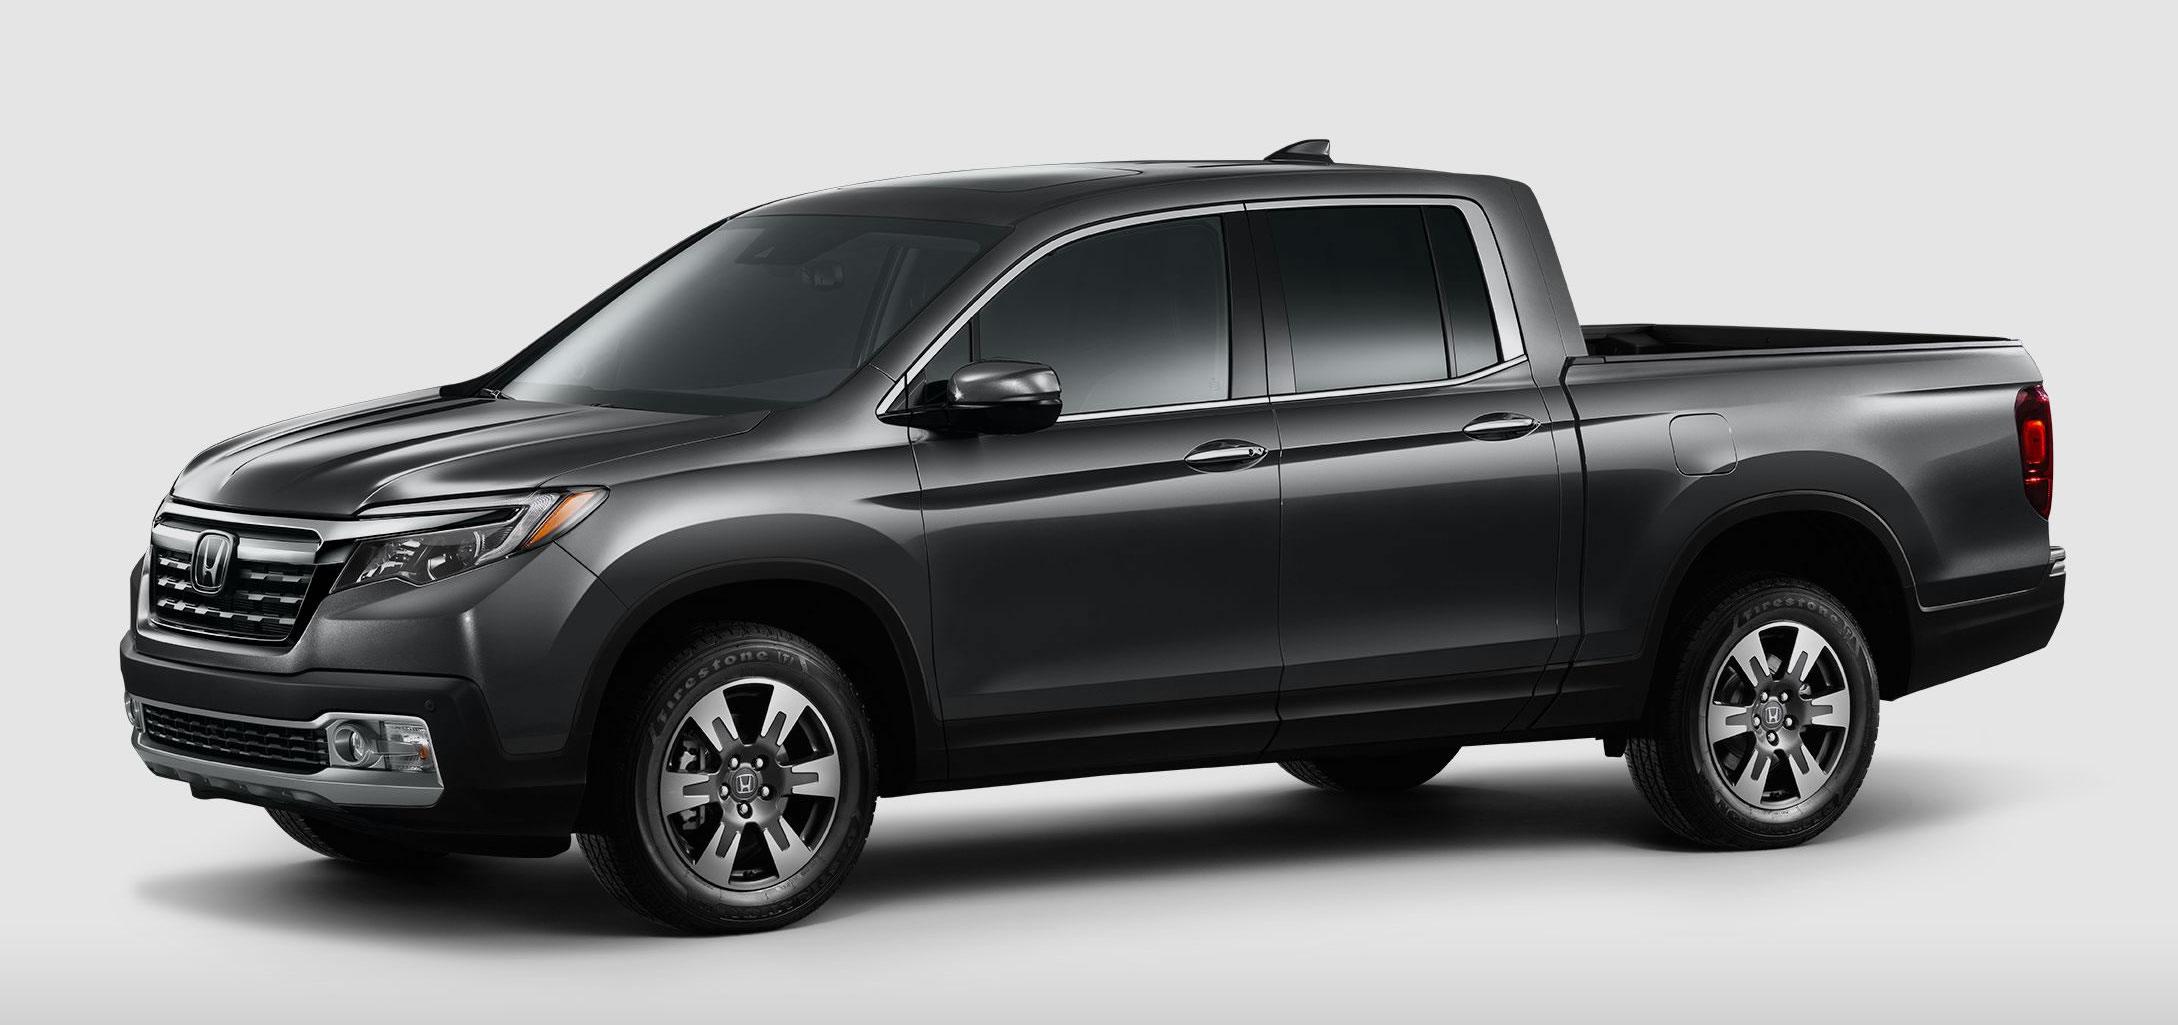 What's New for the 2020 Honda Ridgeline